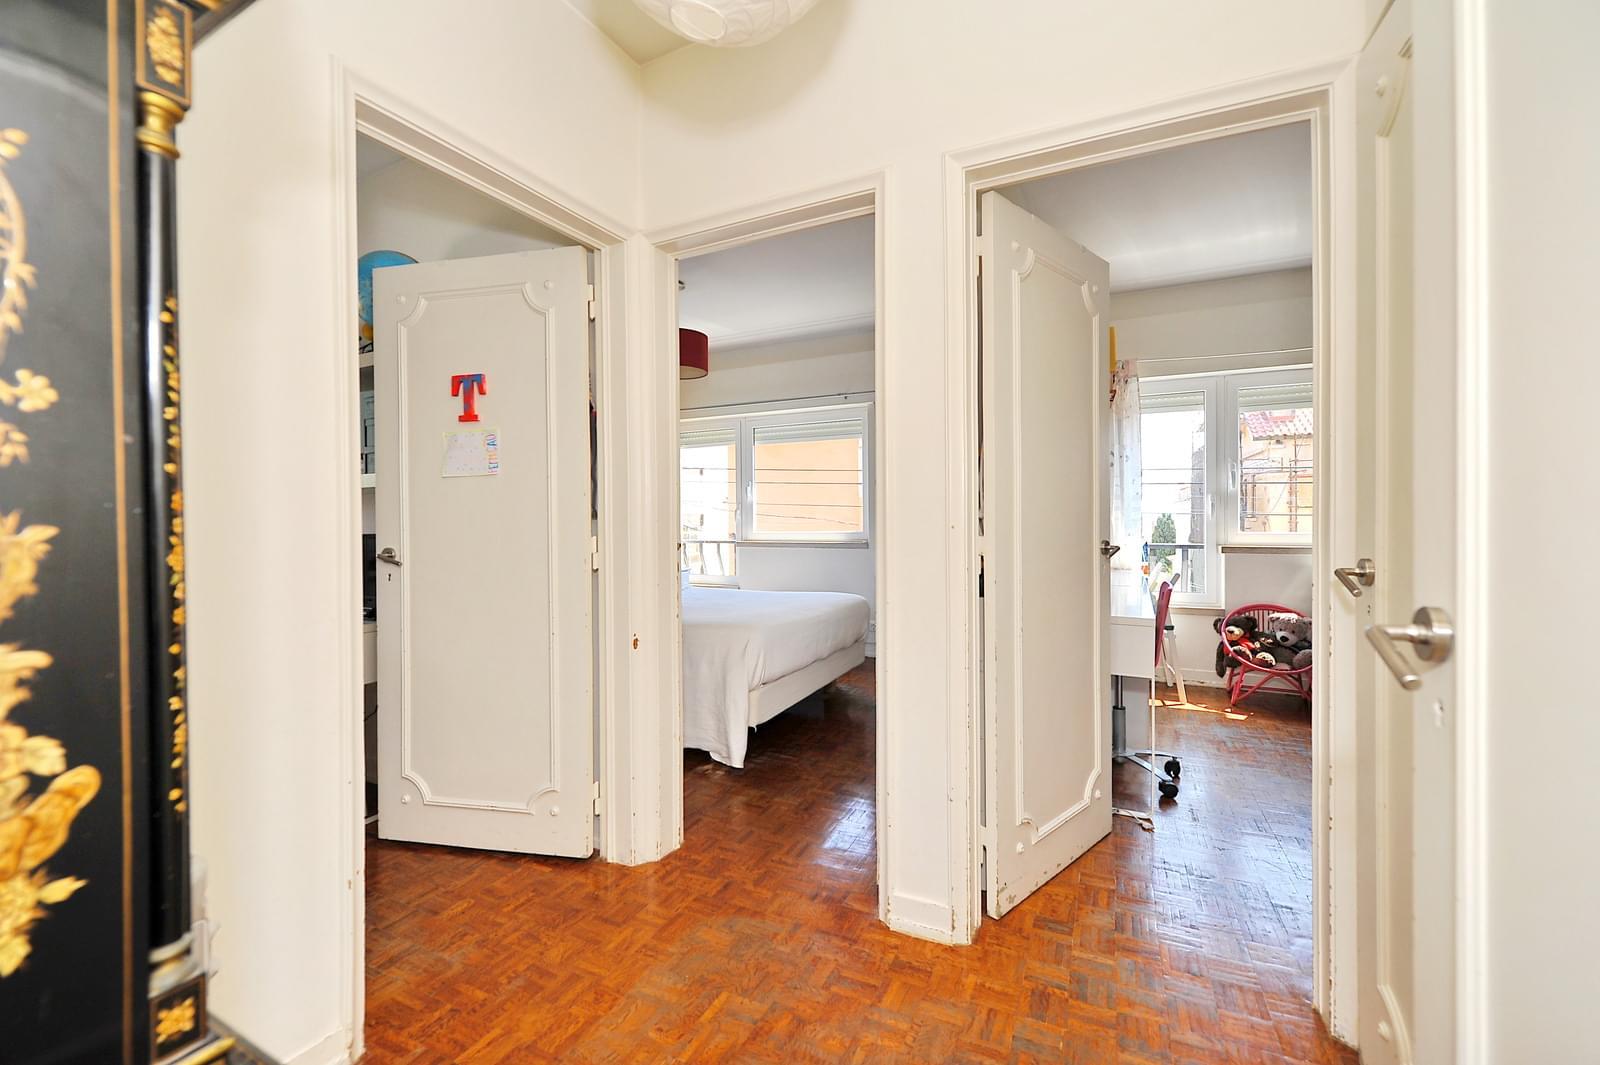 pf17942-apartamento-t4-1-cascais-b01a8cc3-bbc0-4ee5-99a0-a90dc2def345